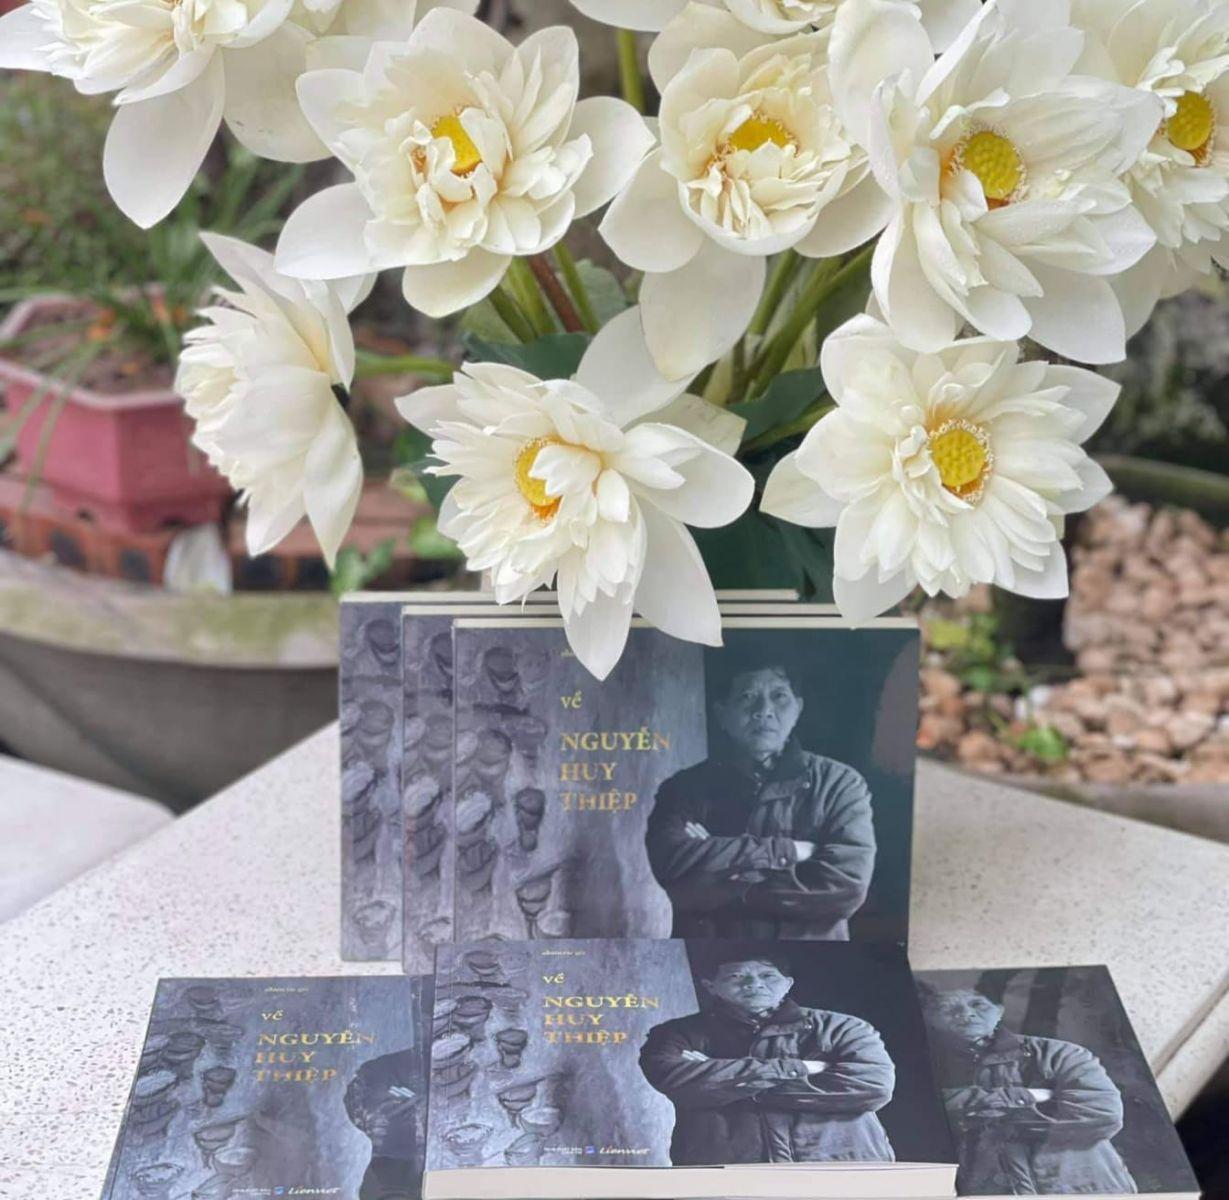 Giao lưu trực tuyến ra mắt tác phẩm 'Về Nguyễn Huy Thiệp'